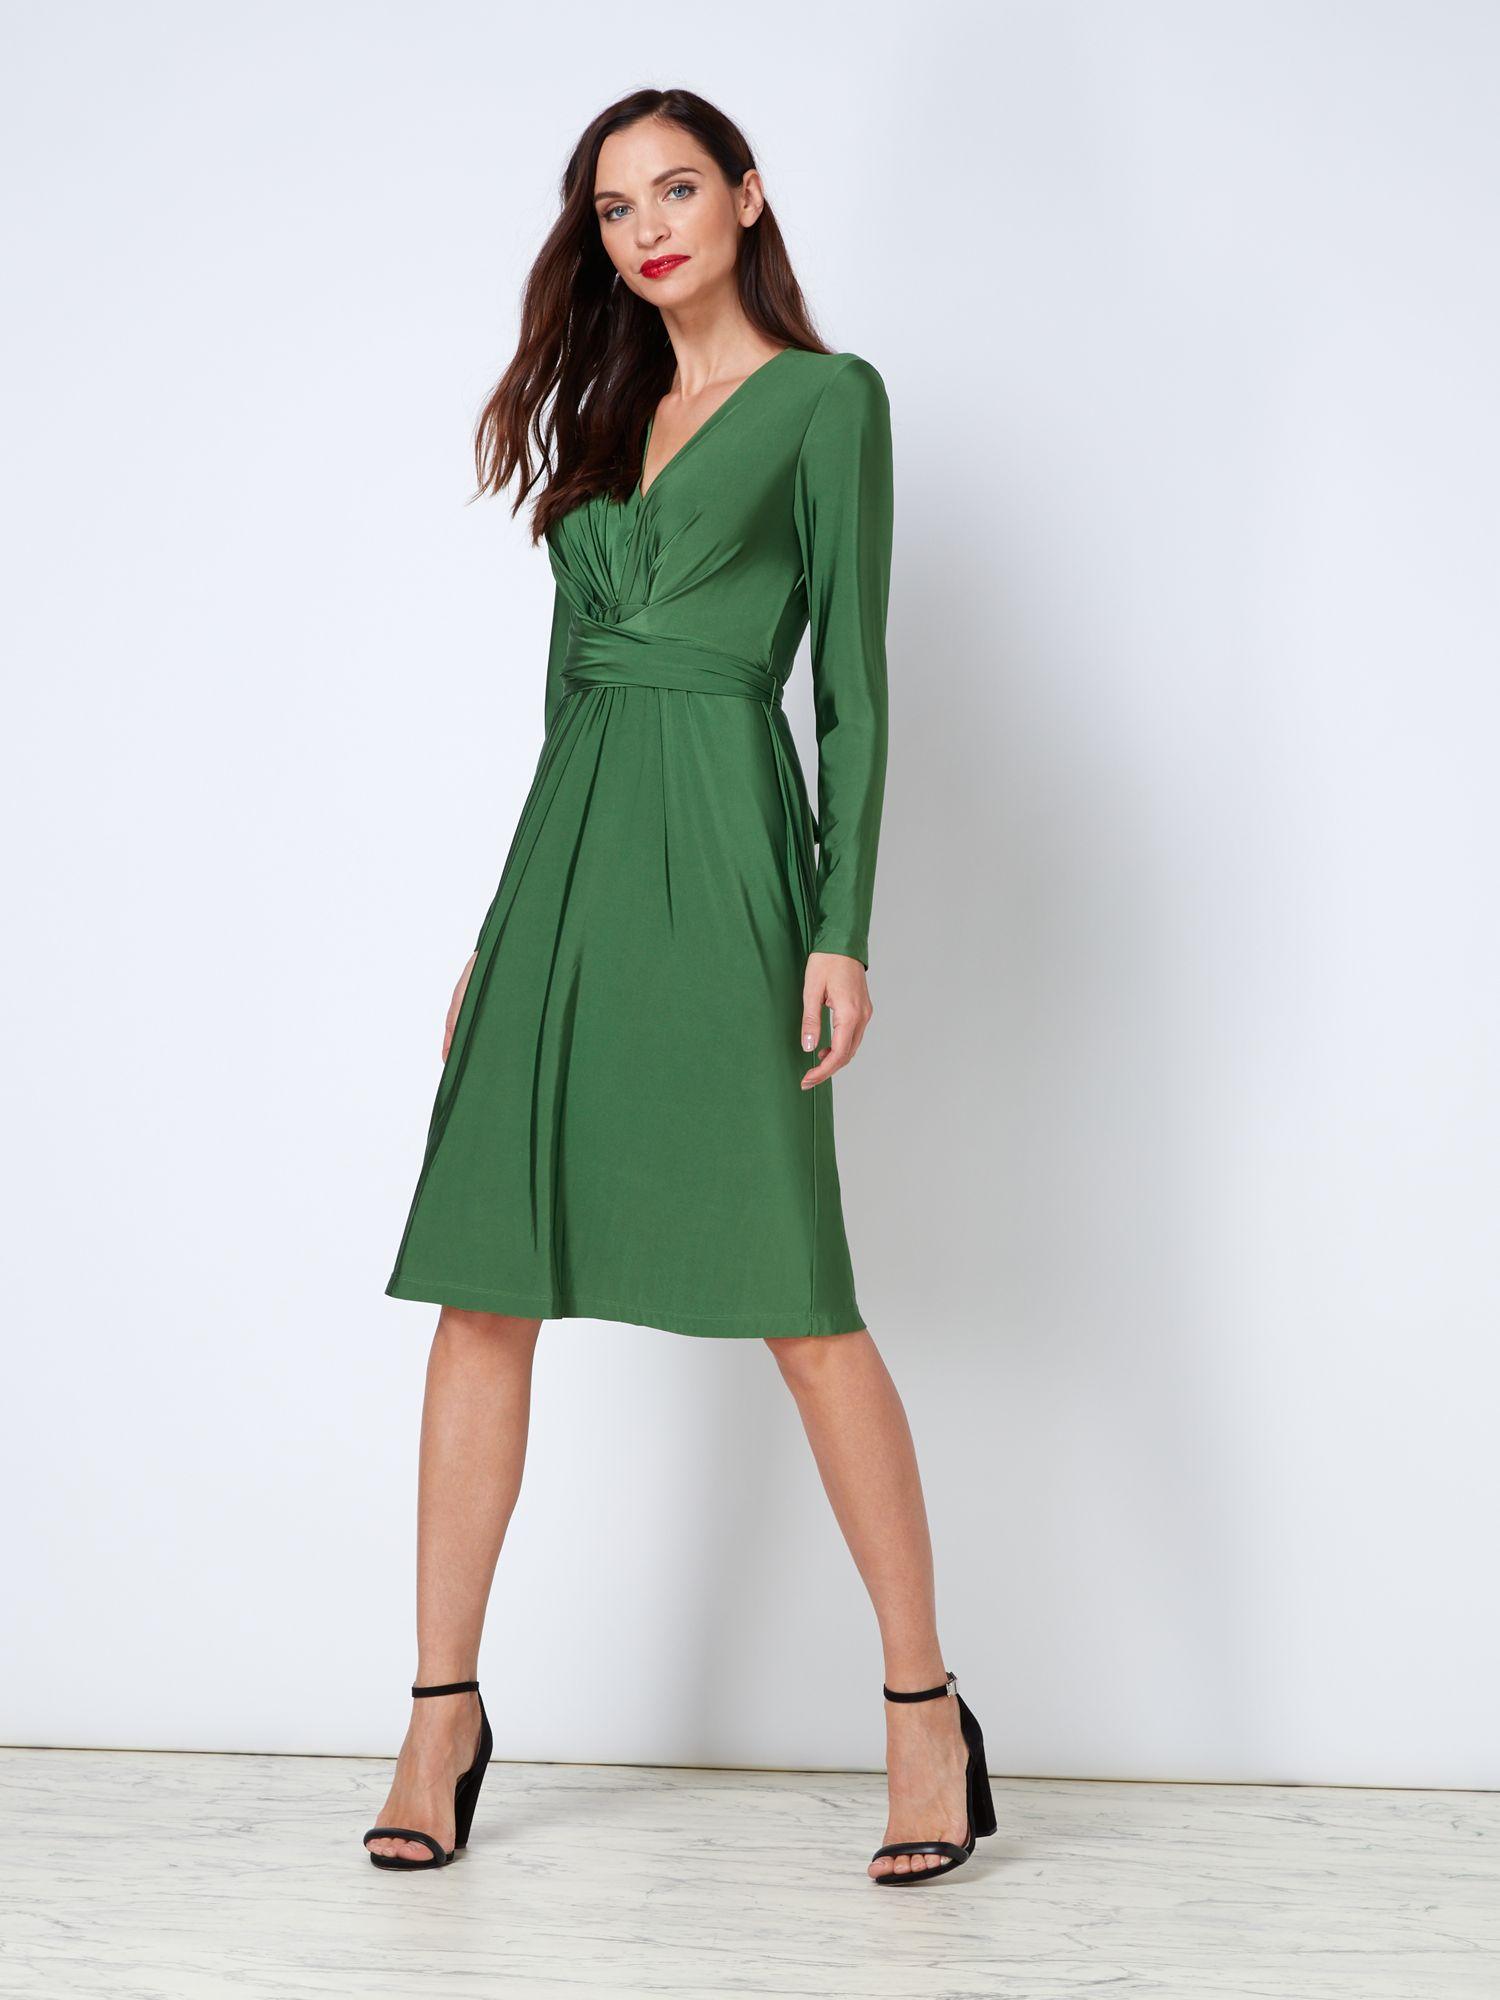 86db7202e1e9 Μάταια τα fashion icons ανά τον κόσμο προσπαθούσαν να αποκτήσουν το διάσημο  φόρεμα της Κέιτ Μίντλετον